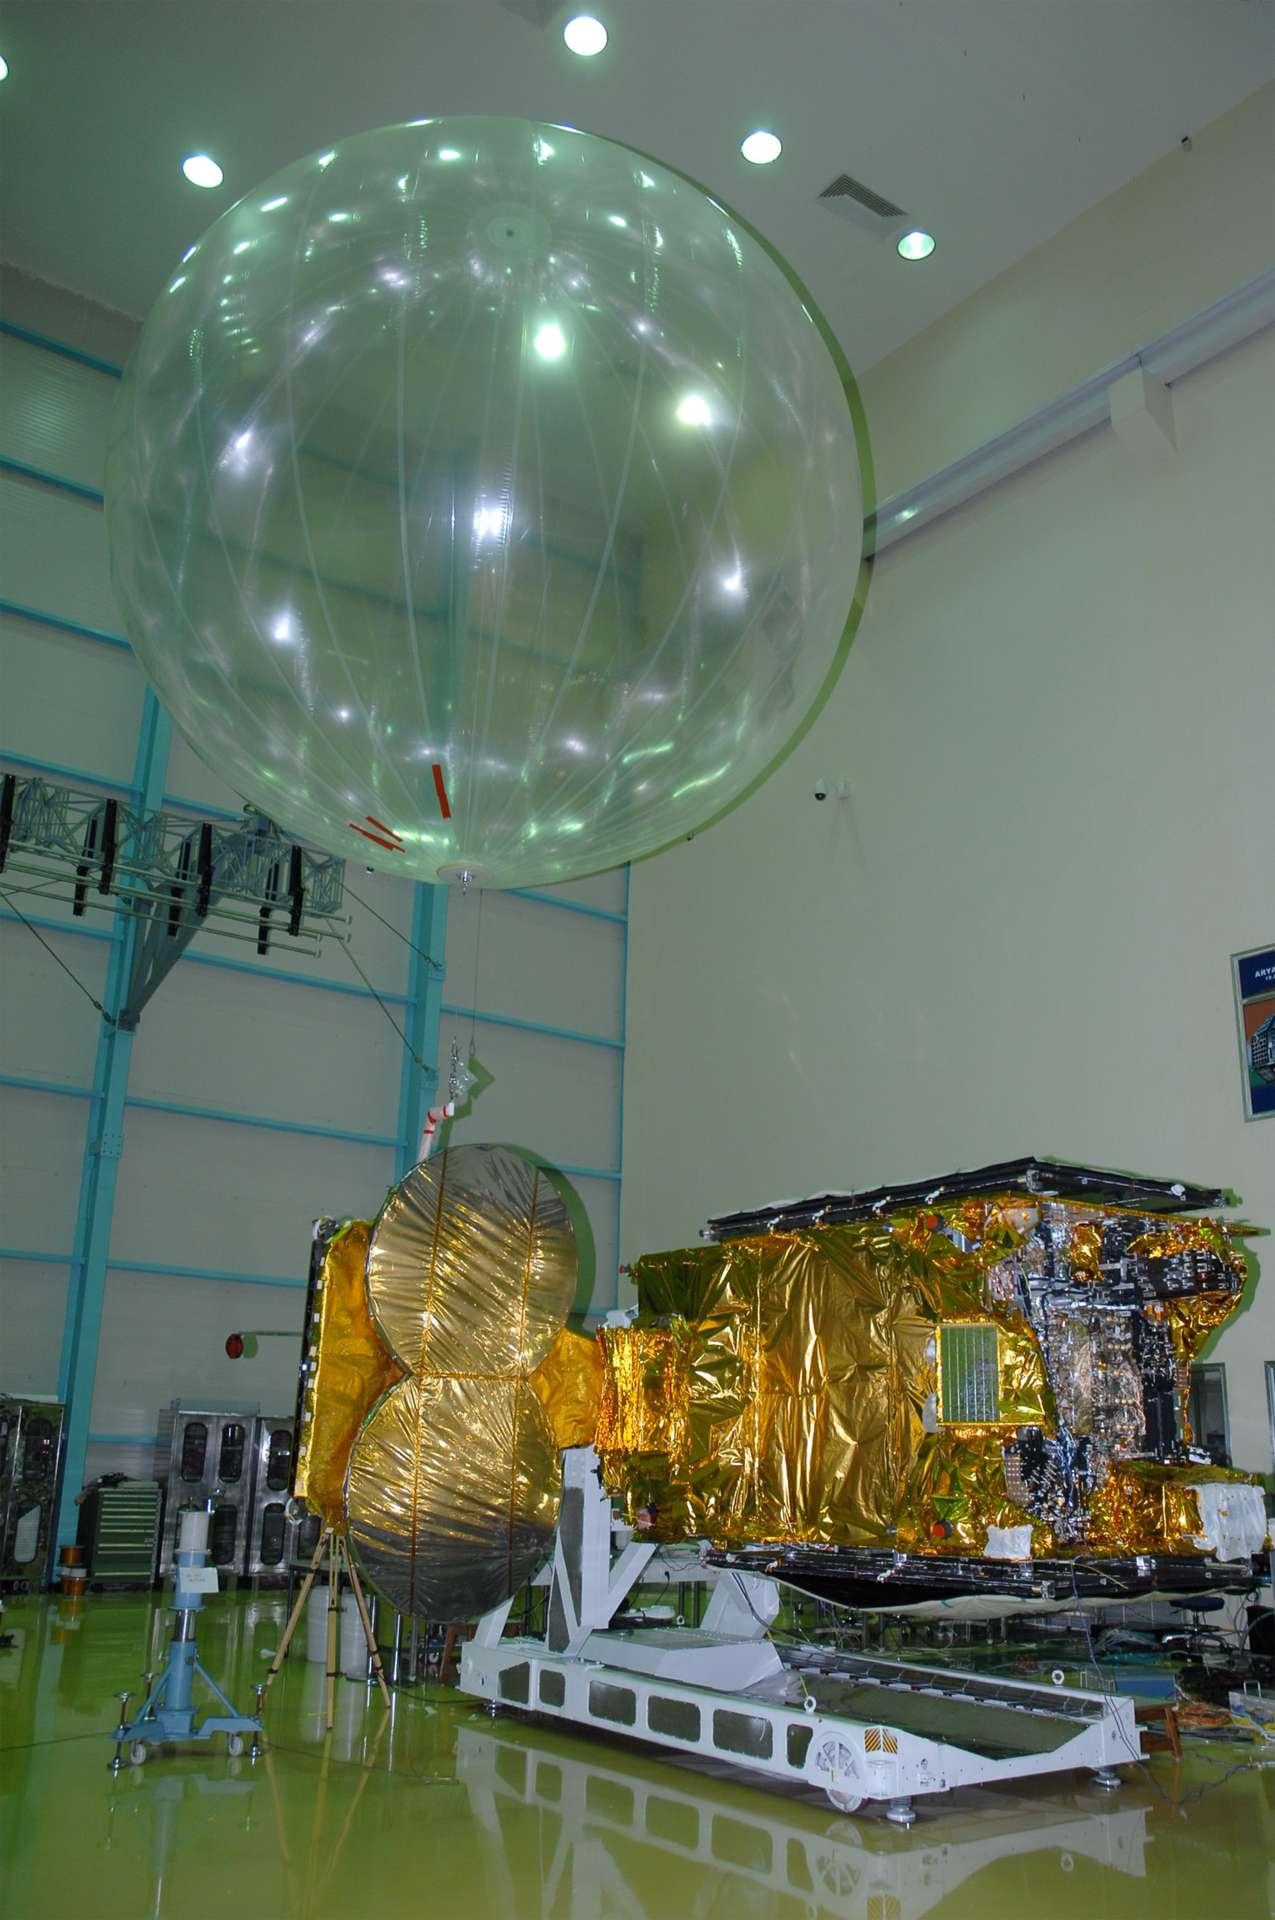 Le satellite Hylas, lancé par une Ariane 5 en novembre 2010, est le premier partenariat public-privé mis en place par l'Esa avec Aventi. Les trois autres concernent Inmarsat pour Alphasat, Hispasat pour l'initiative de la petite mission Geo et Astrium GEO-Information Services pour le relais de données. © Isro